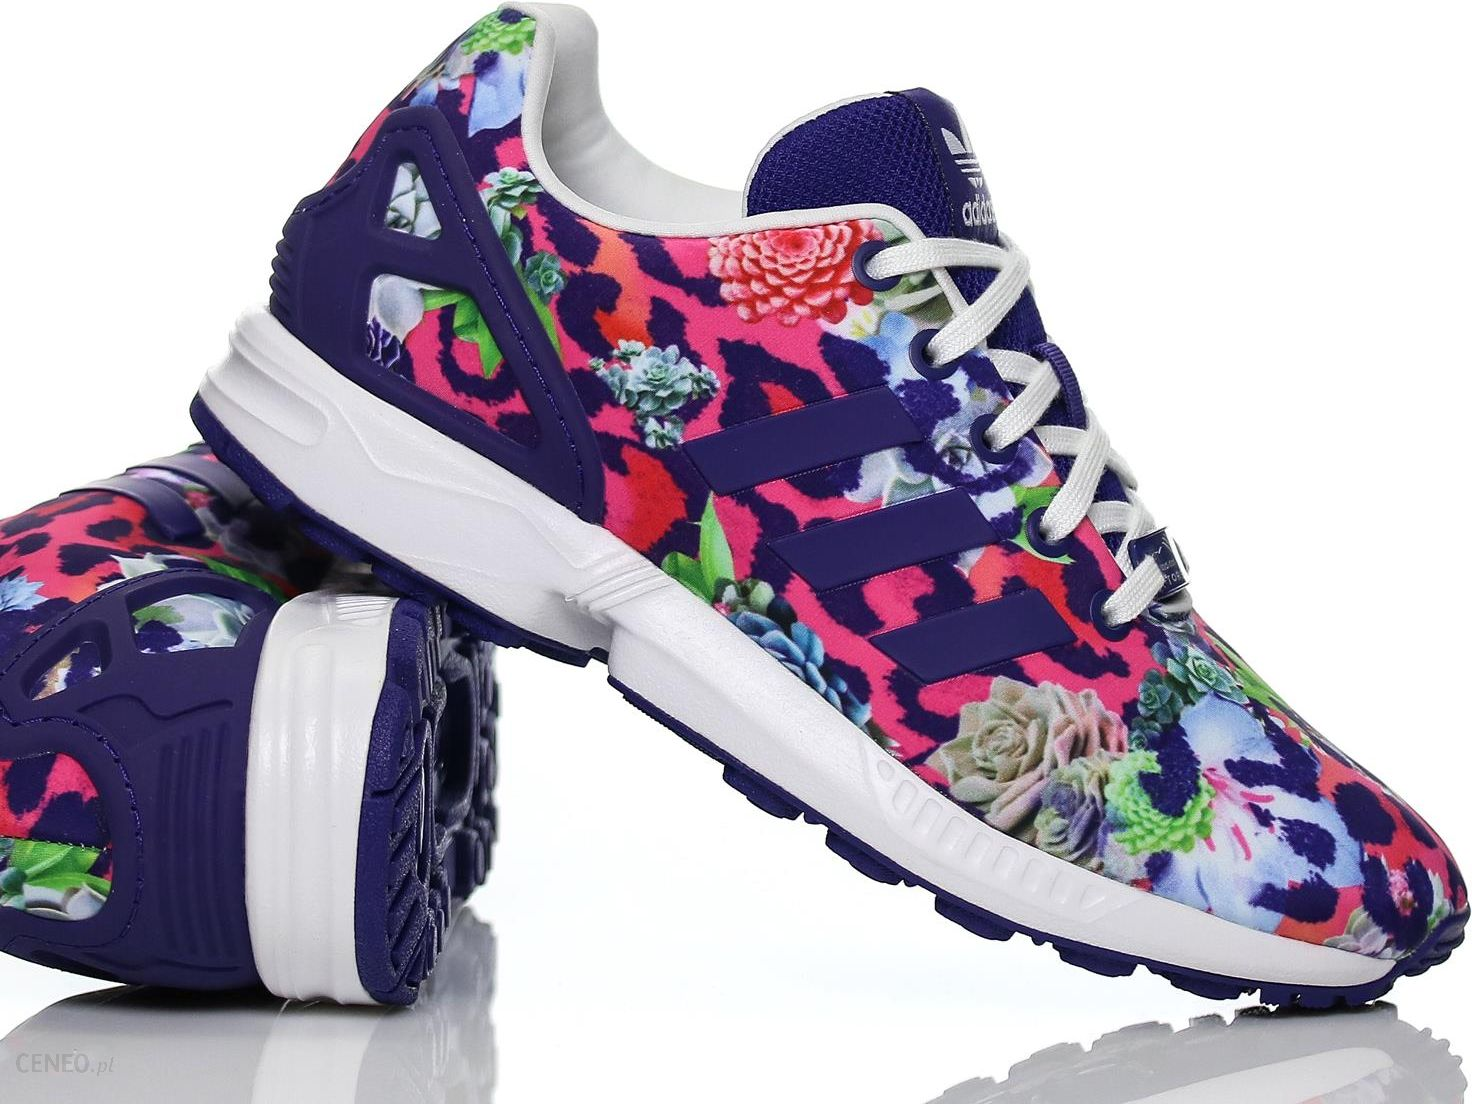 Buty damskie adidas ZX FLUX BY RÓŻNE ROZMIARY Więcej niż